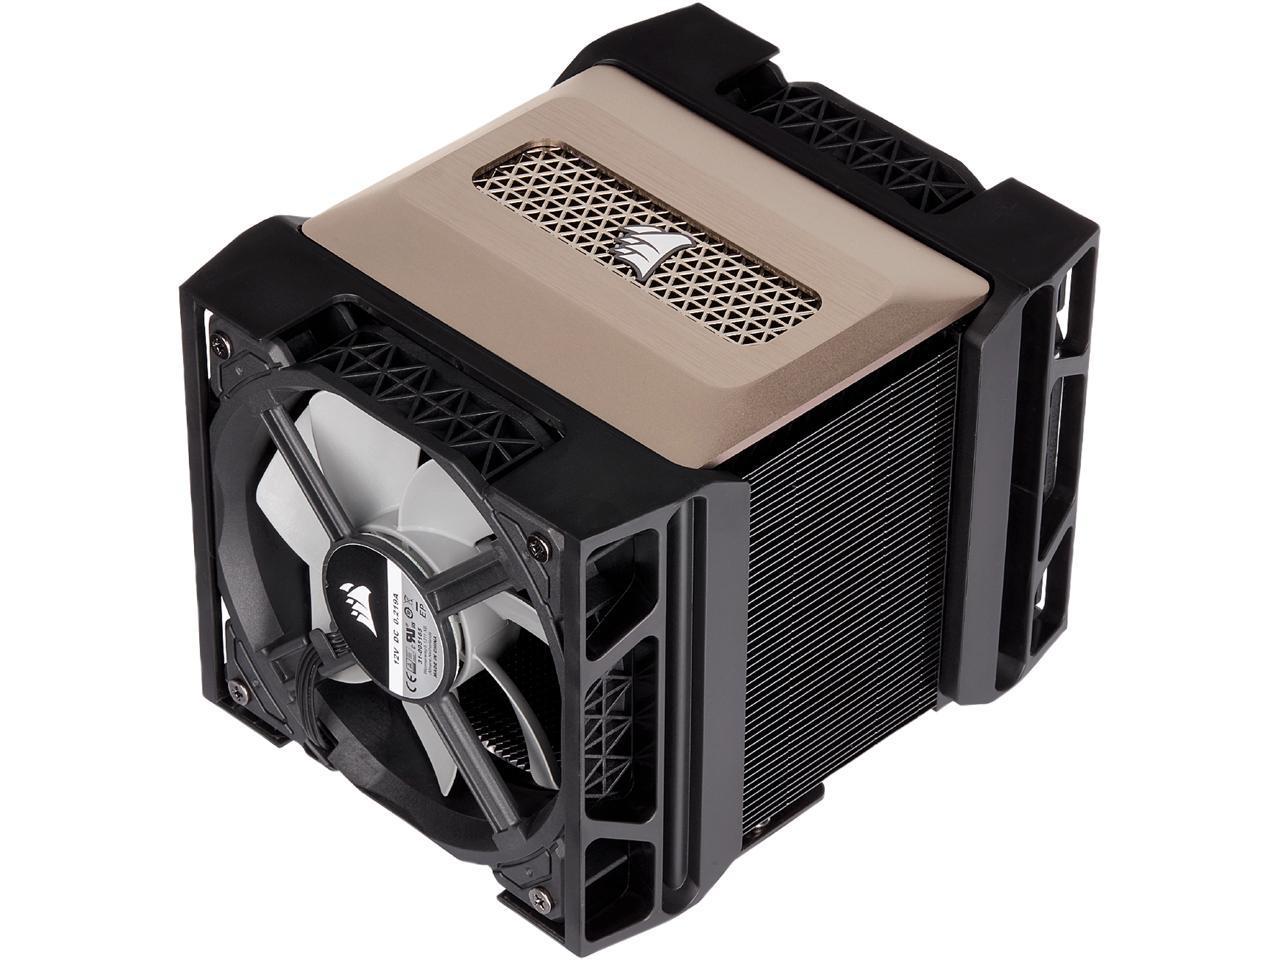 CORSAIR A500 High Performance Dual Fan CPU Cooler @Newegg (AR) $30